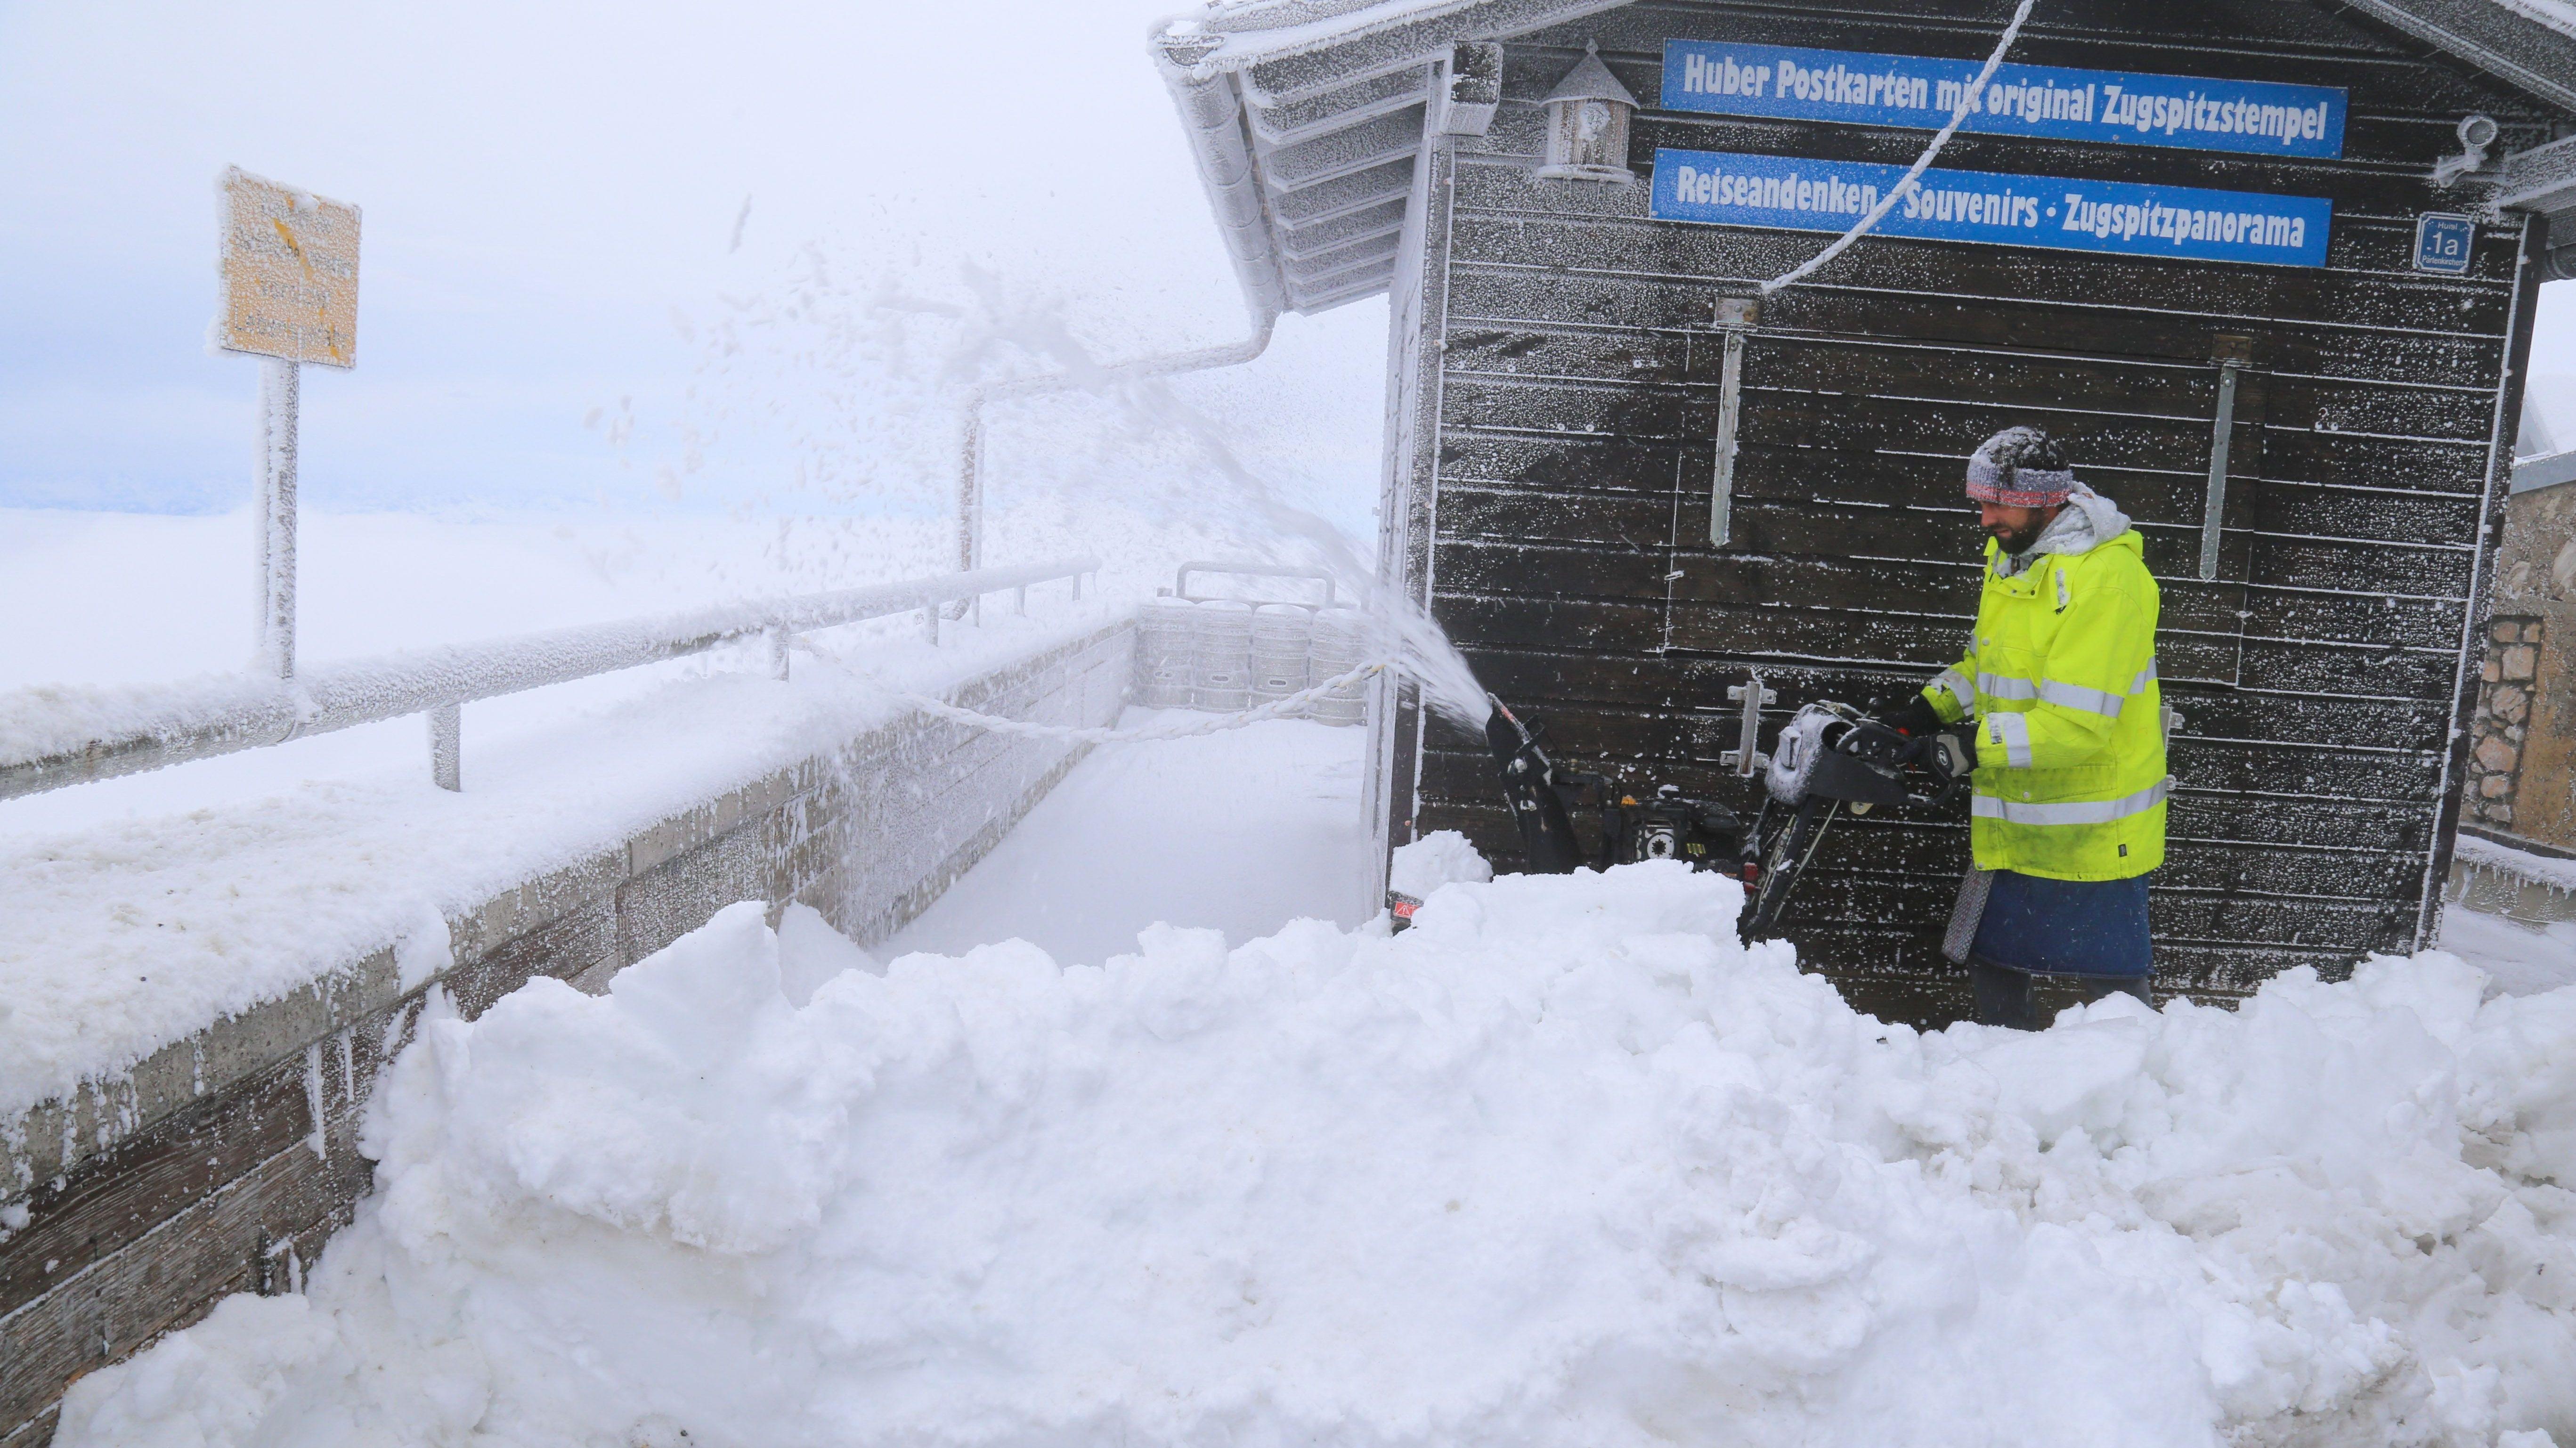 Wintereinbruch auf der Zugspitze - raus mit den Schneefräsen aus dem Schuppen